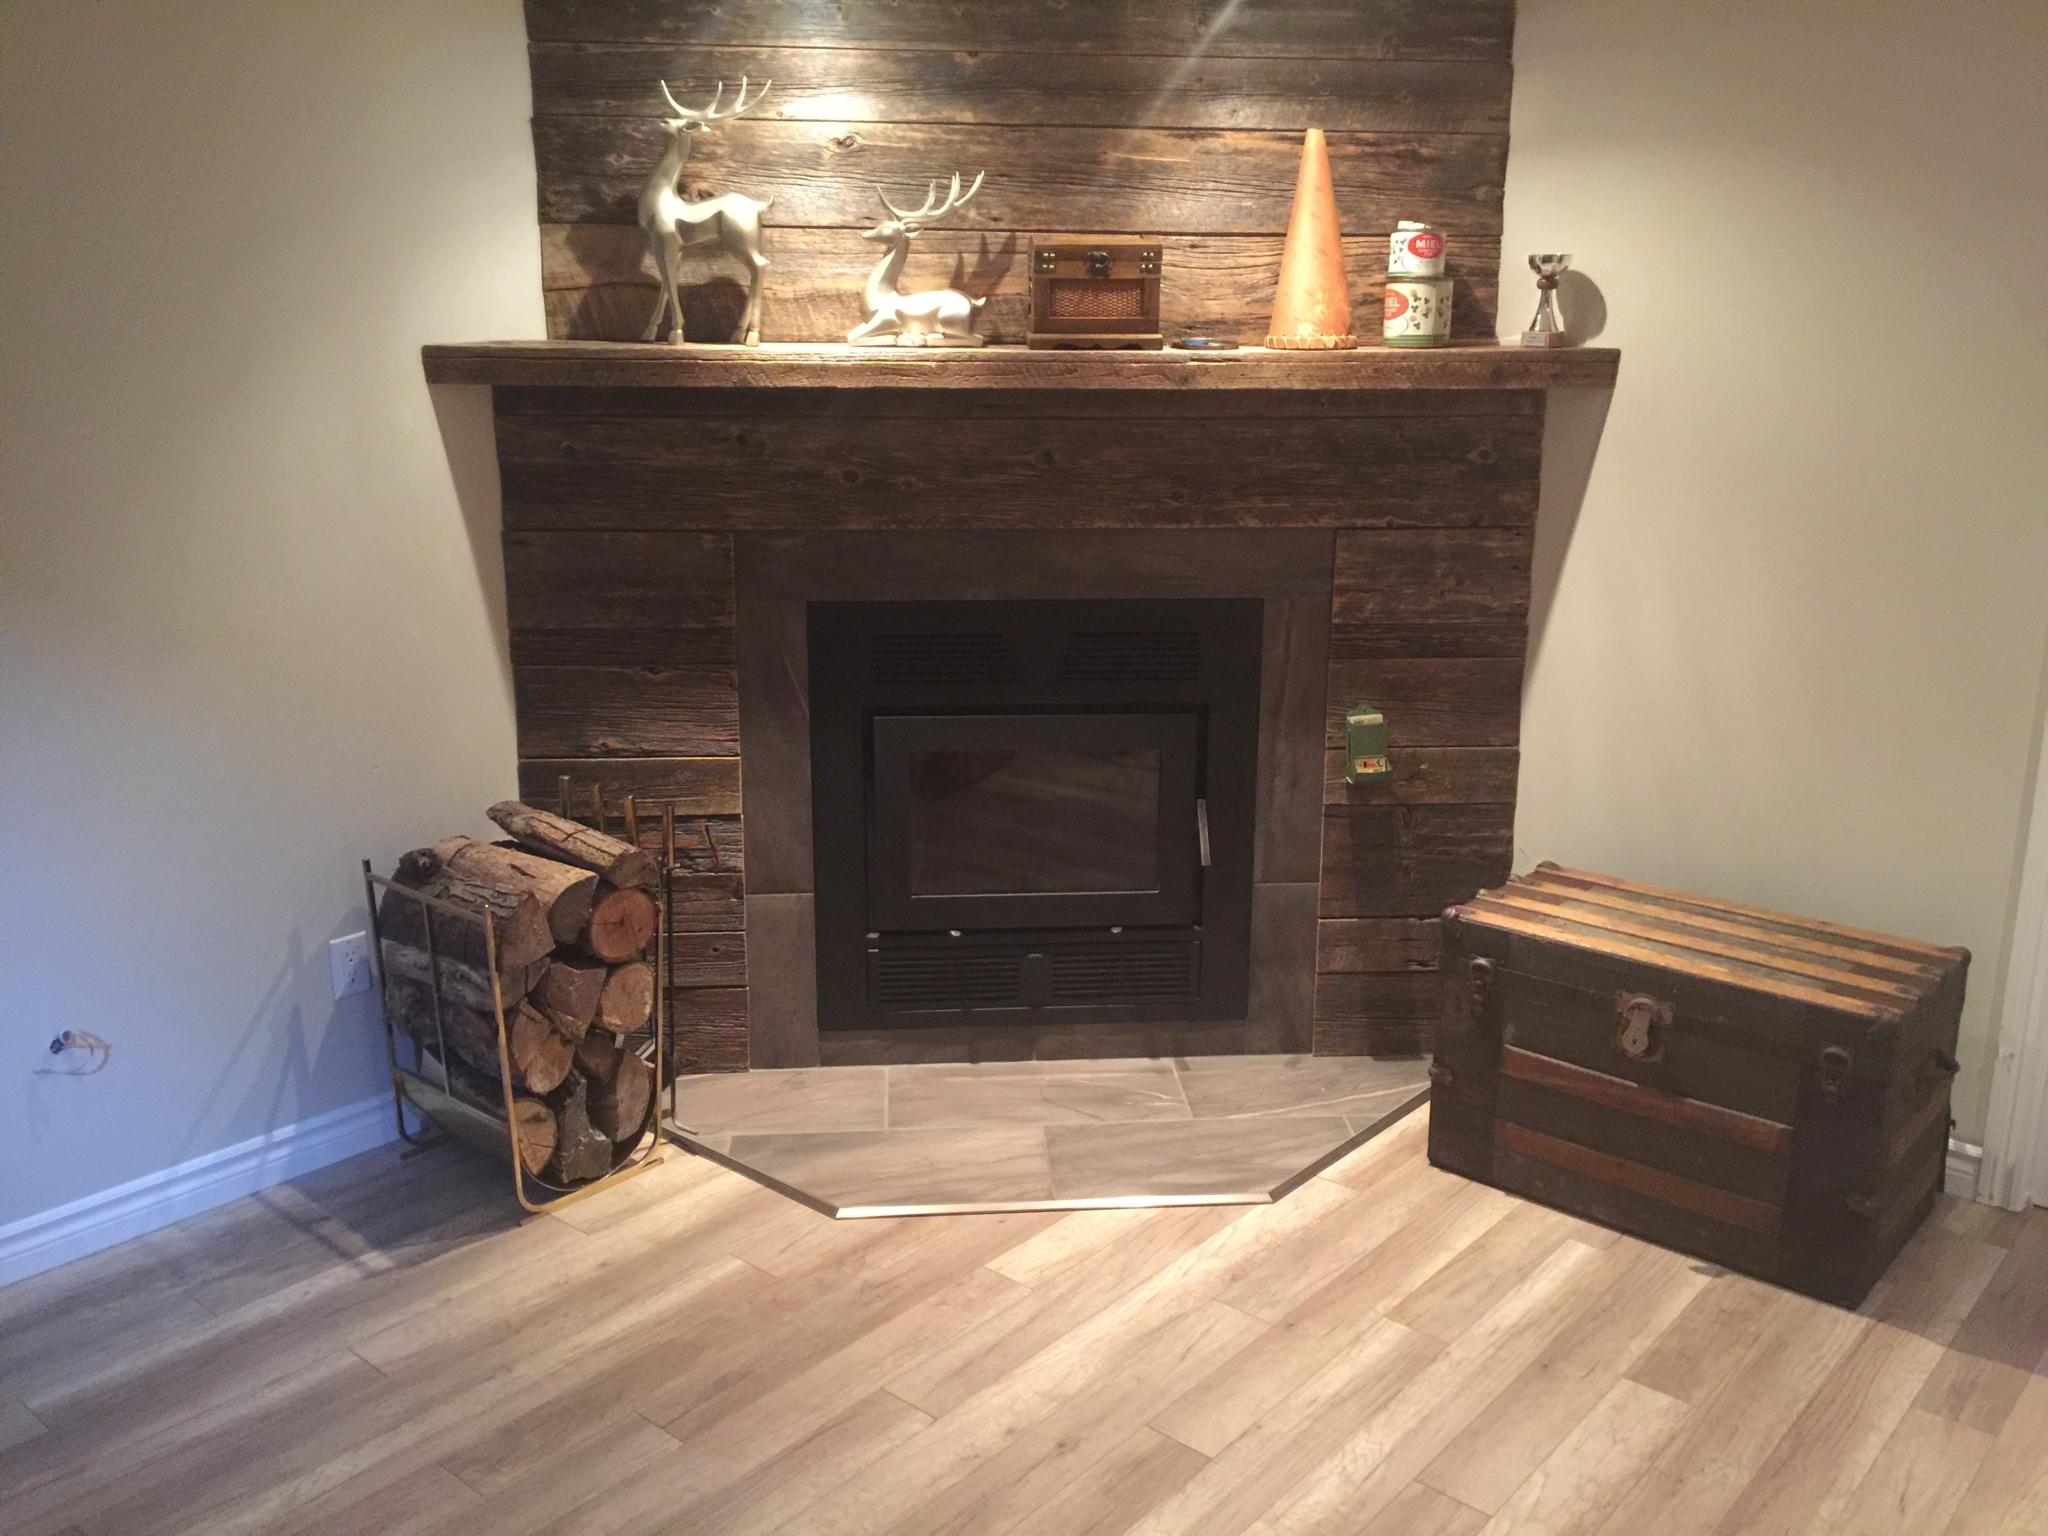 Ram-O-Tech Ramoneur à L'Assomption: Ram-O-Tech Fireplace Maintenance